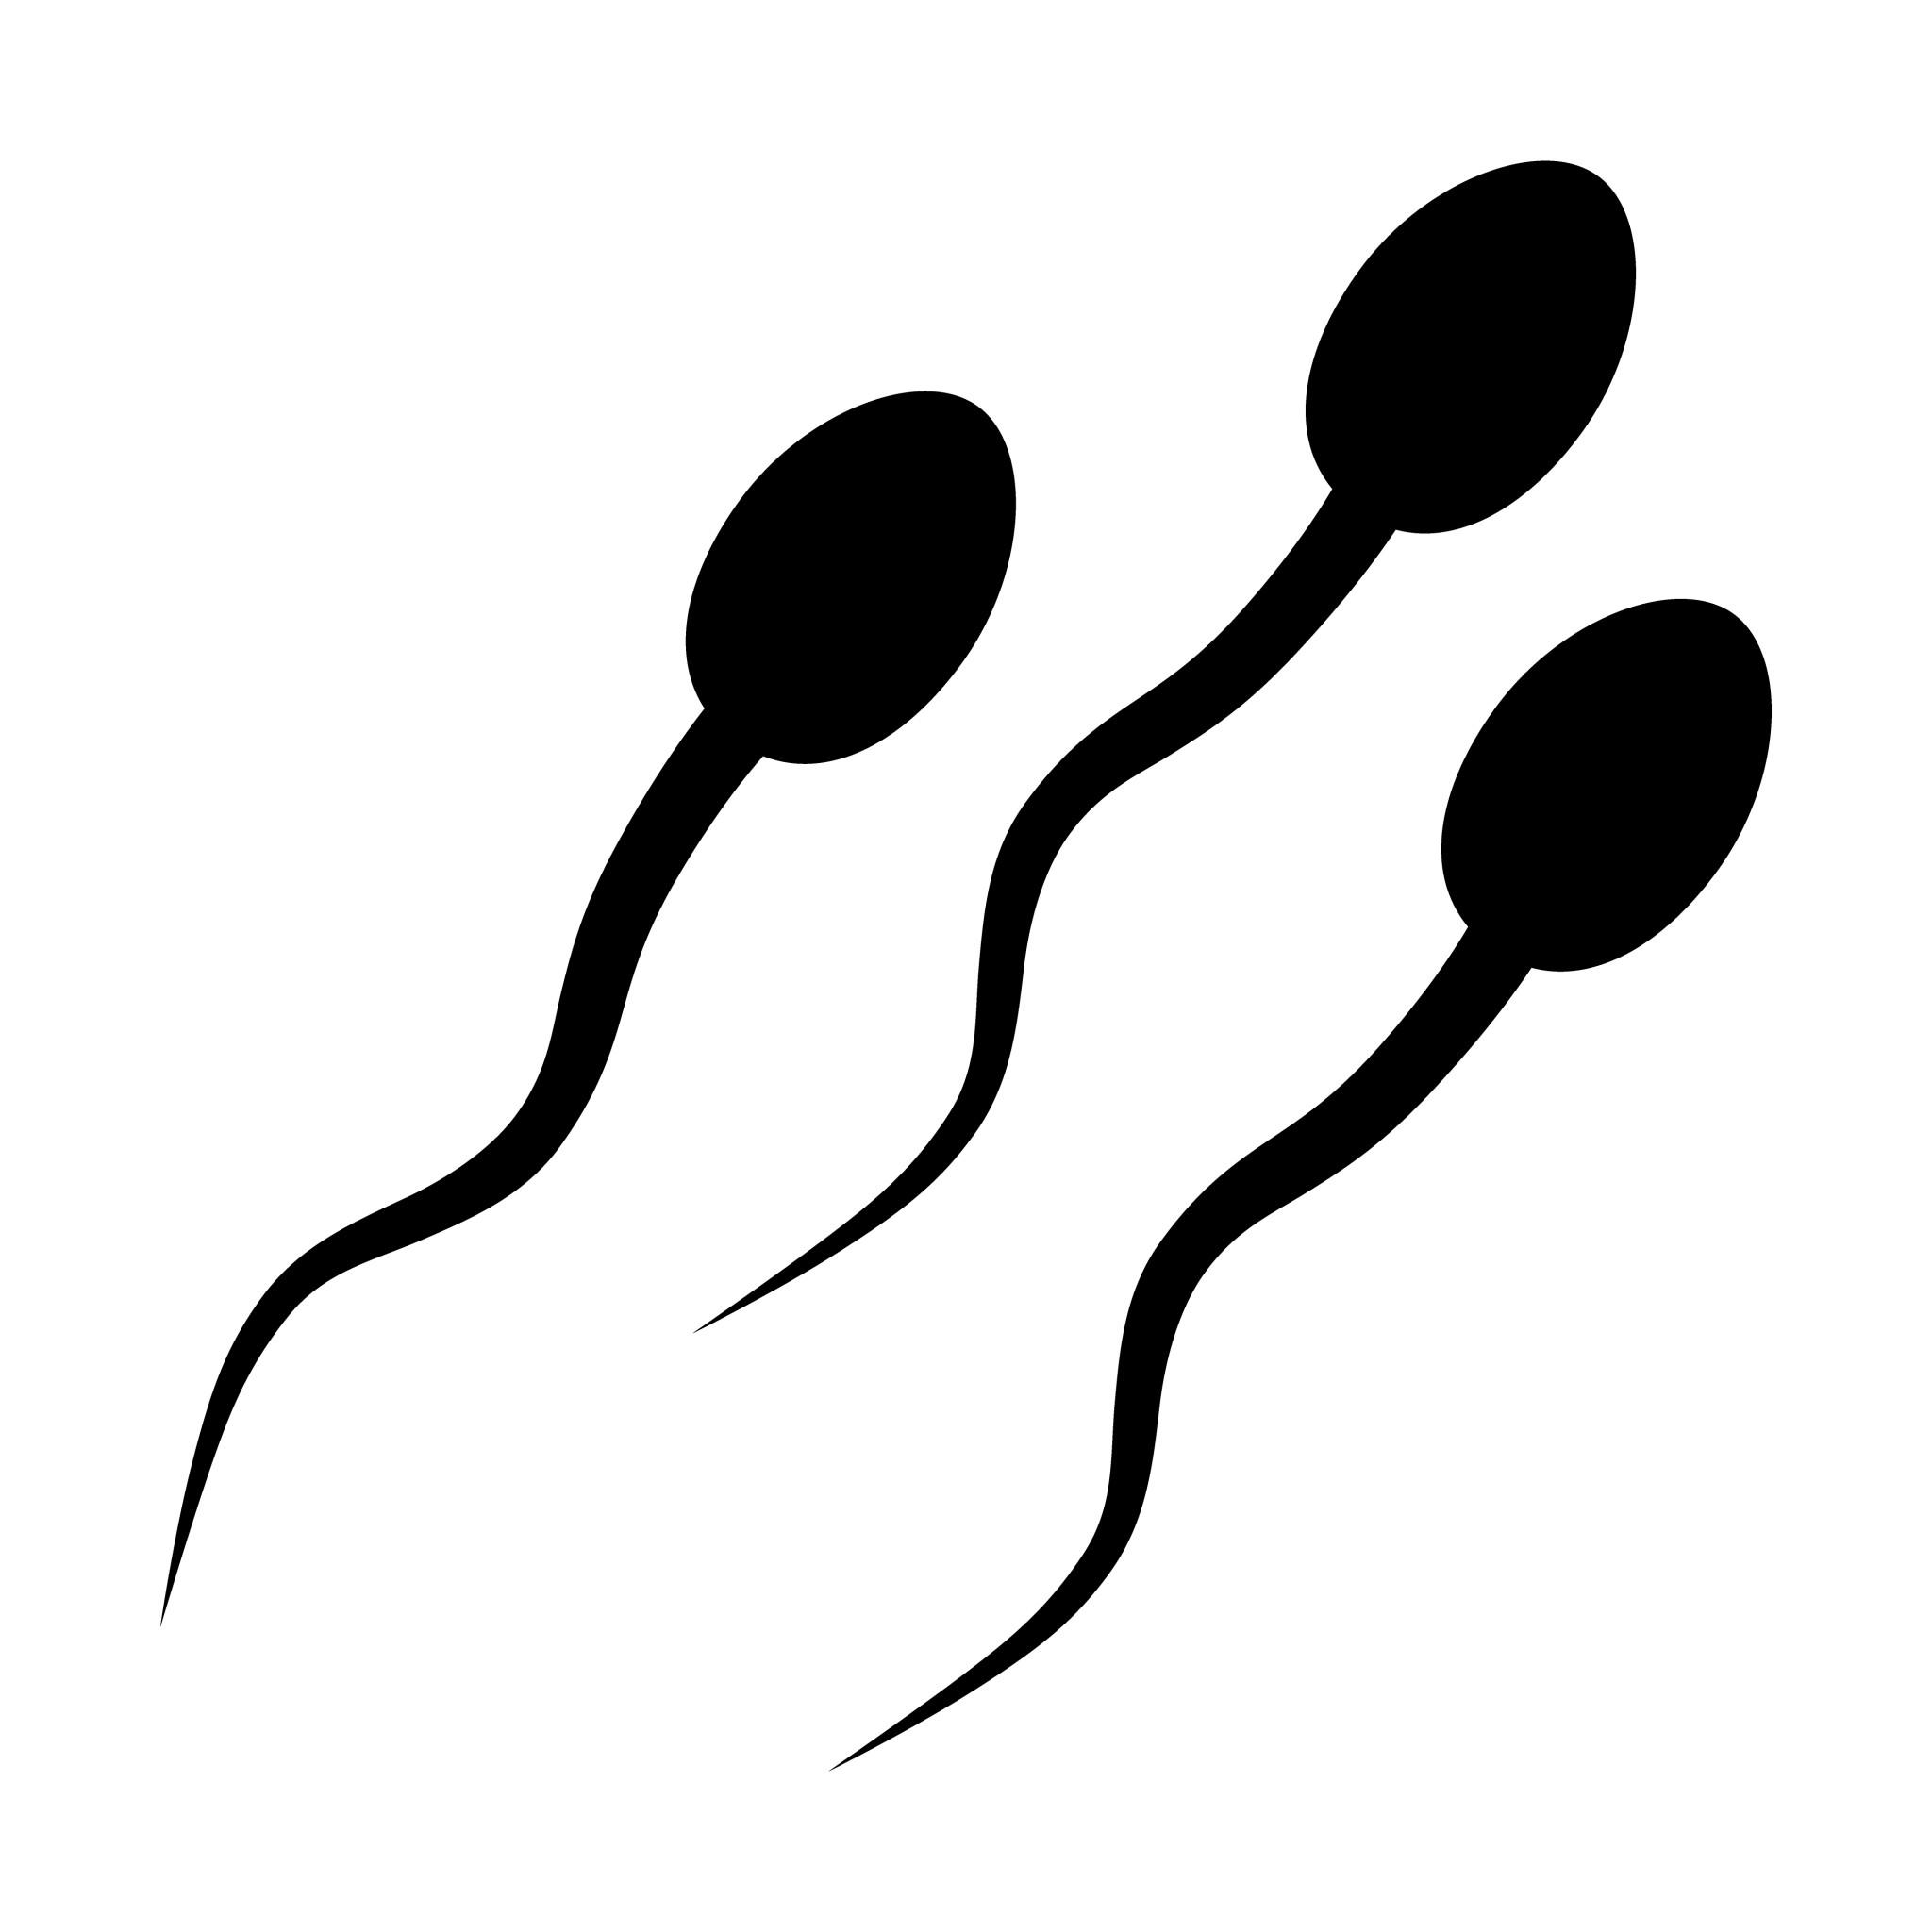 sperma op kledij en matras verwijderen tips van tante kaat water clip art free water clipart images